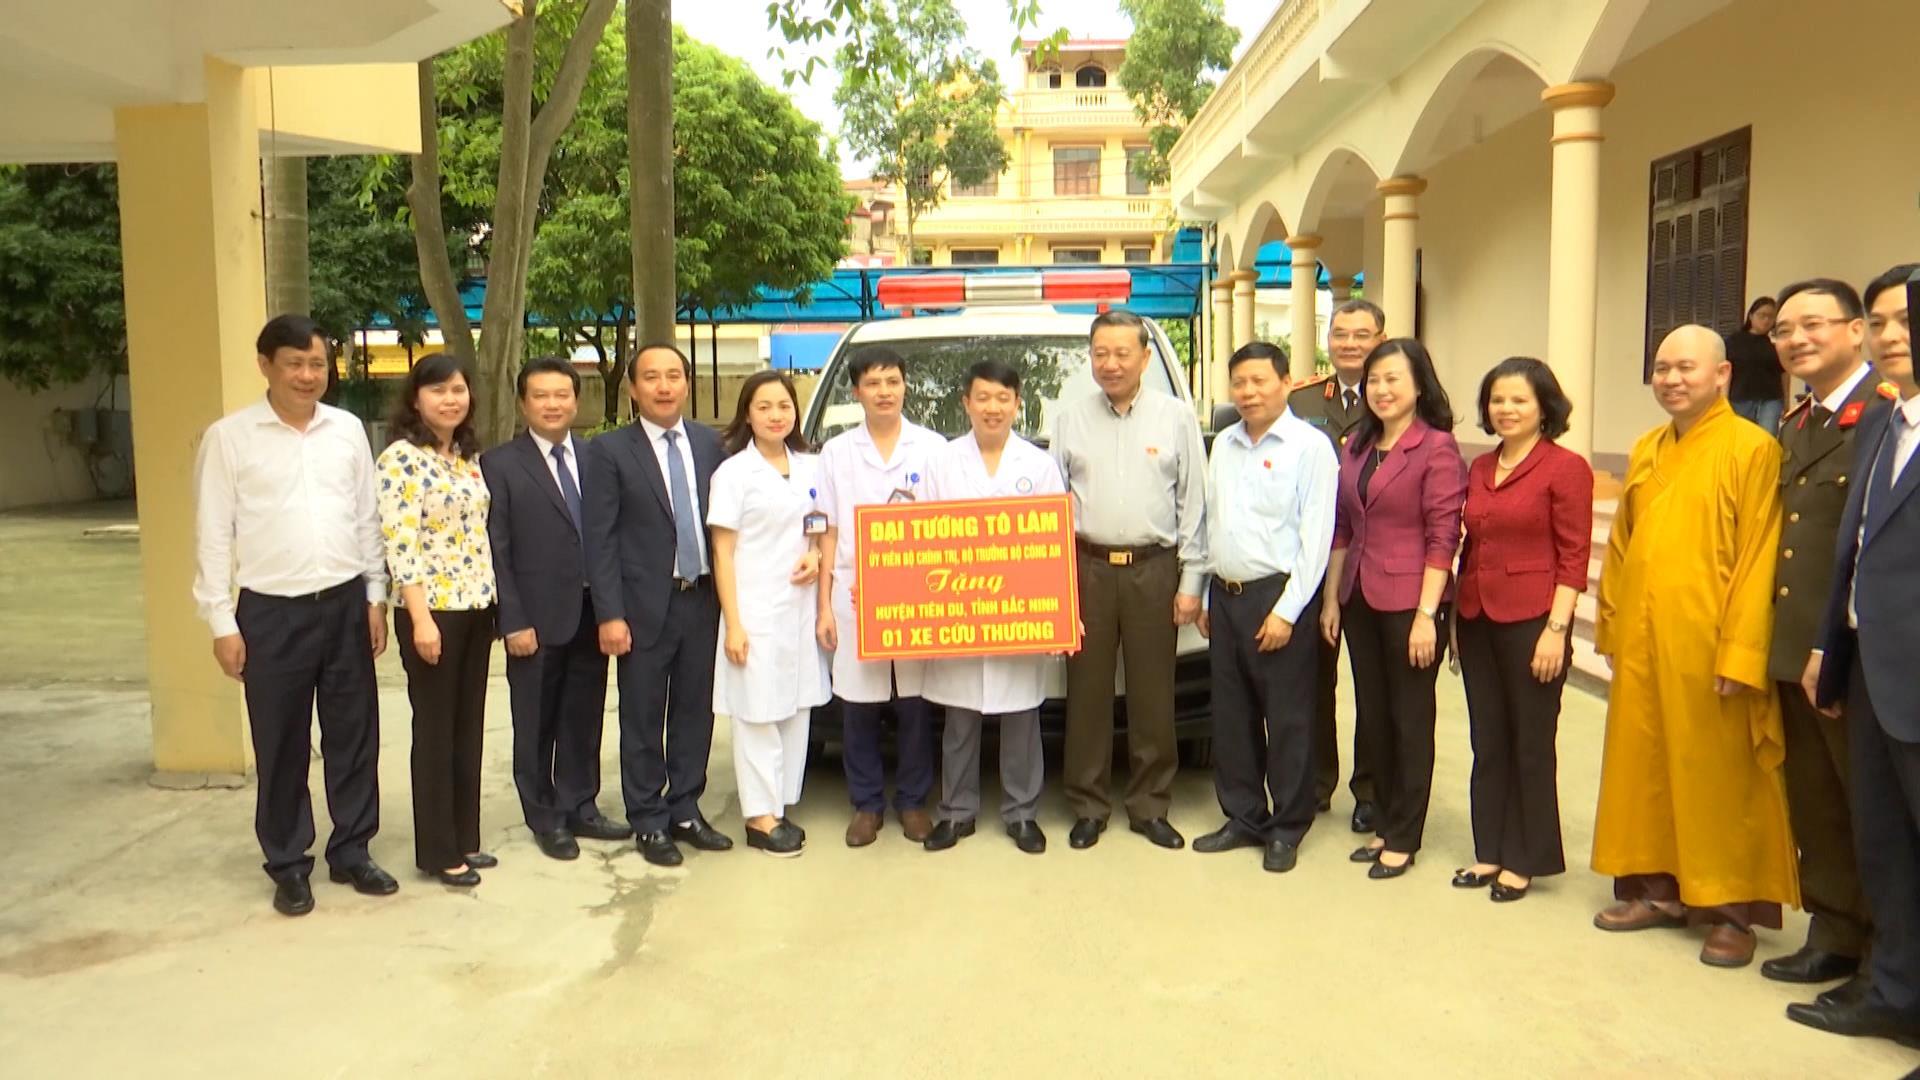 Bộ trưởng Bộ Công an tặng xe cứu thương cho Trung tâm Y tế huyện Tiên Du